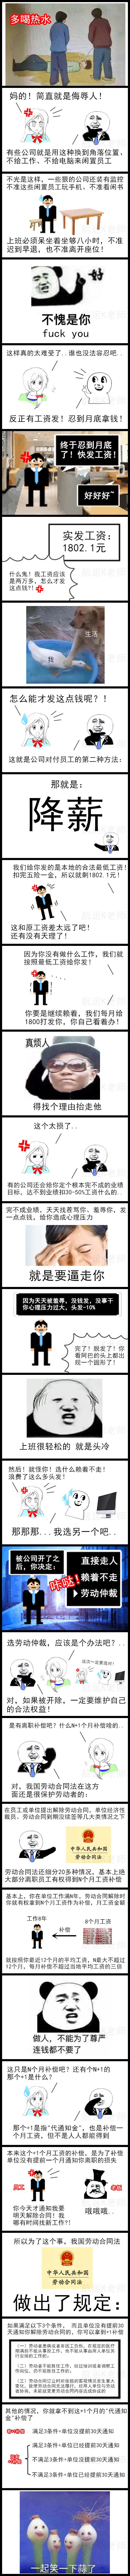 @航运漫画家K老师:中年失业模拟器插图(1)